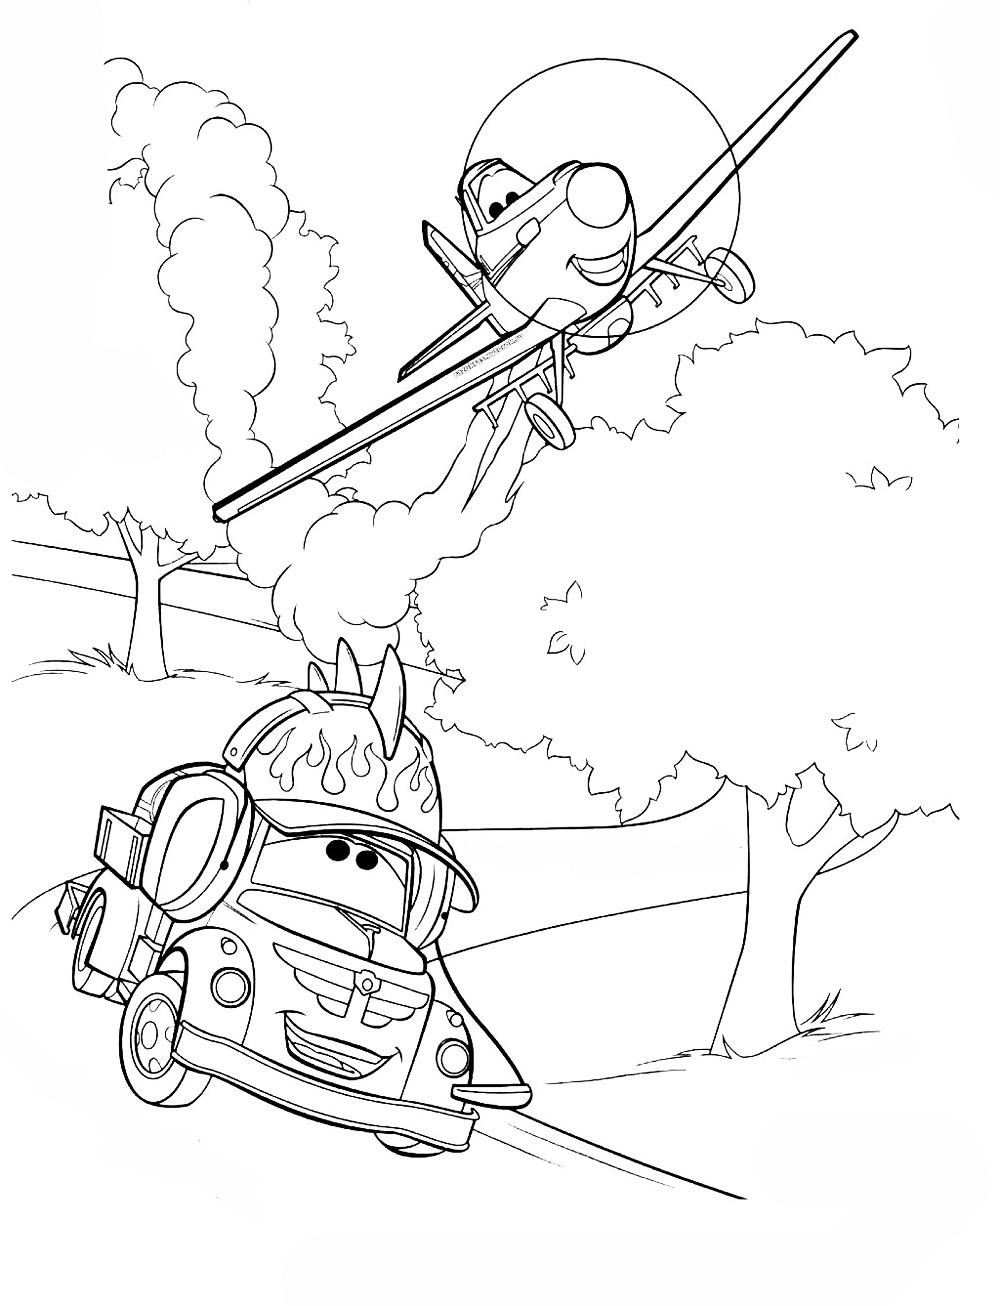 Самолеты дисней, самолет разговаривает с тачкой, дорога, деревья Раскраски для мальчиков